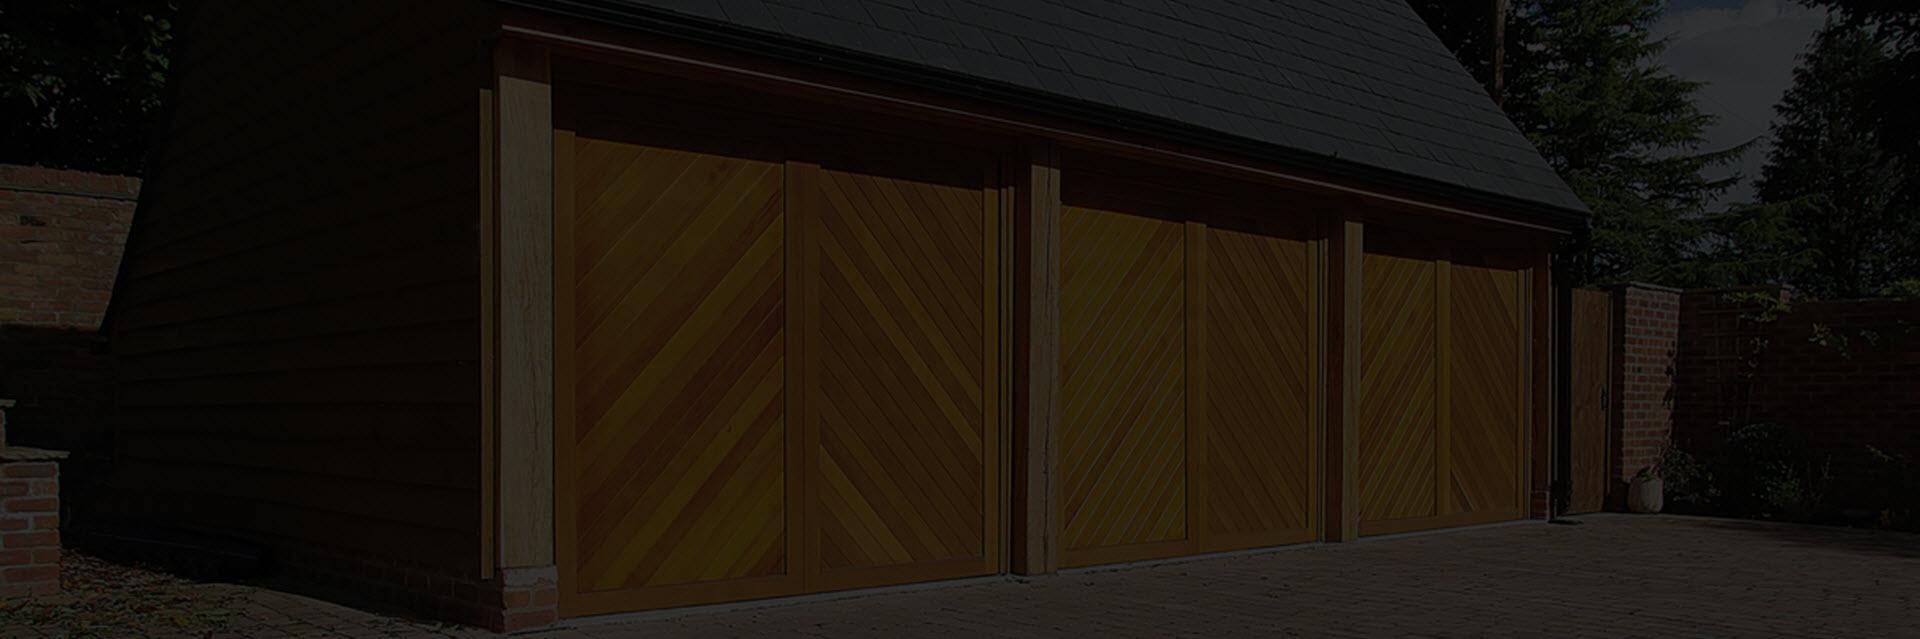 Timber Garage Doors - London - Example